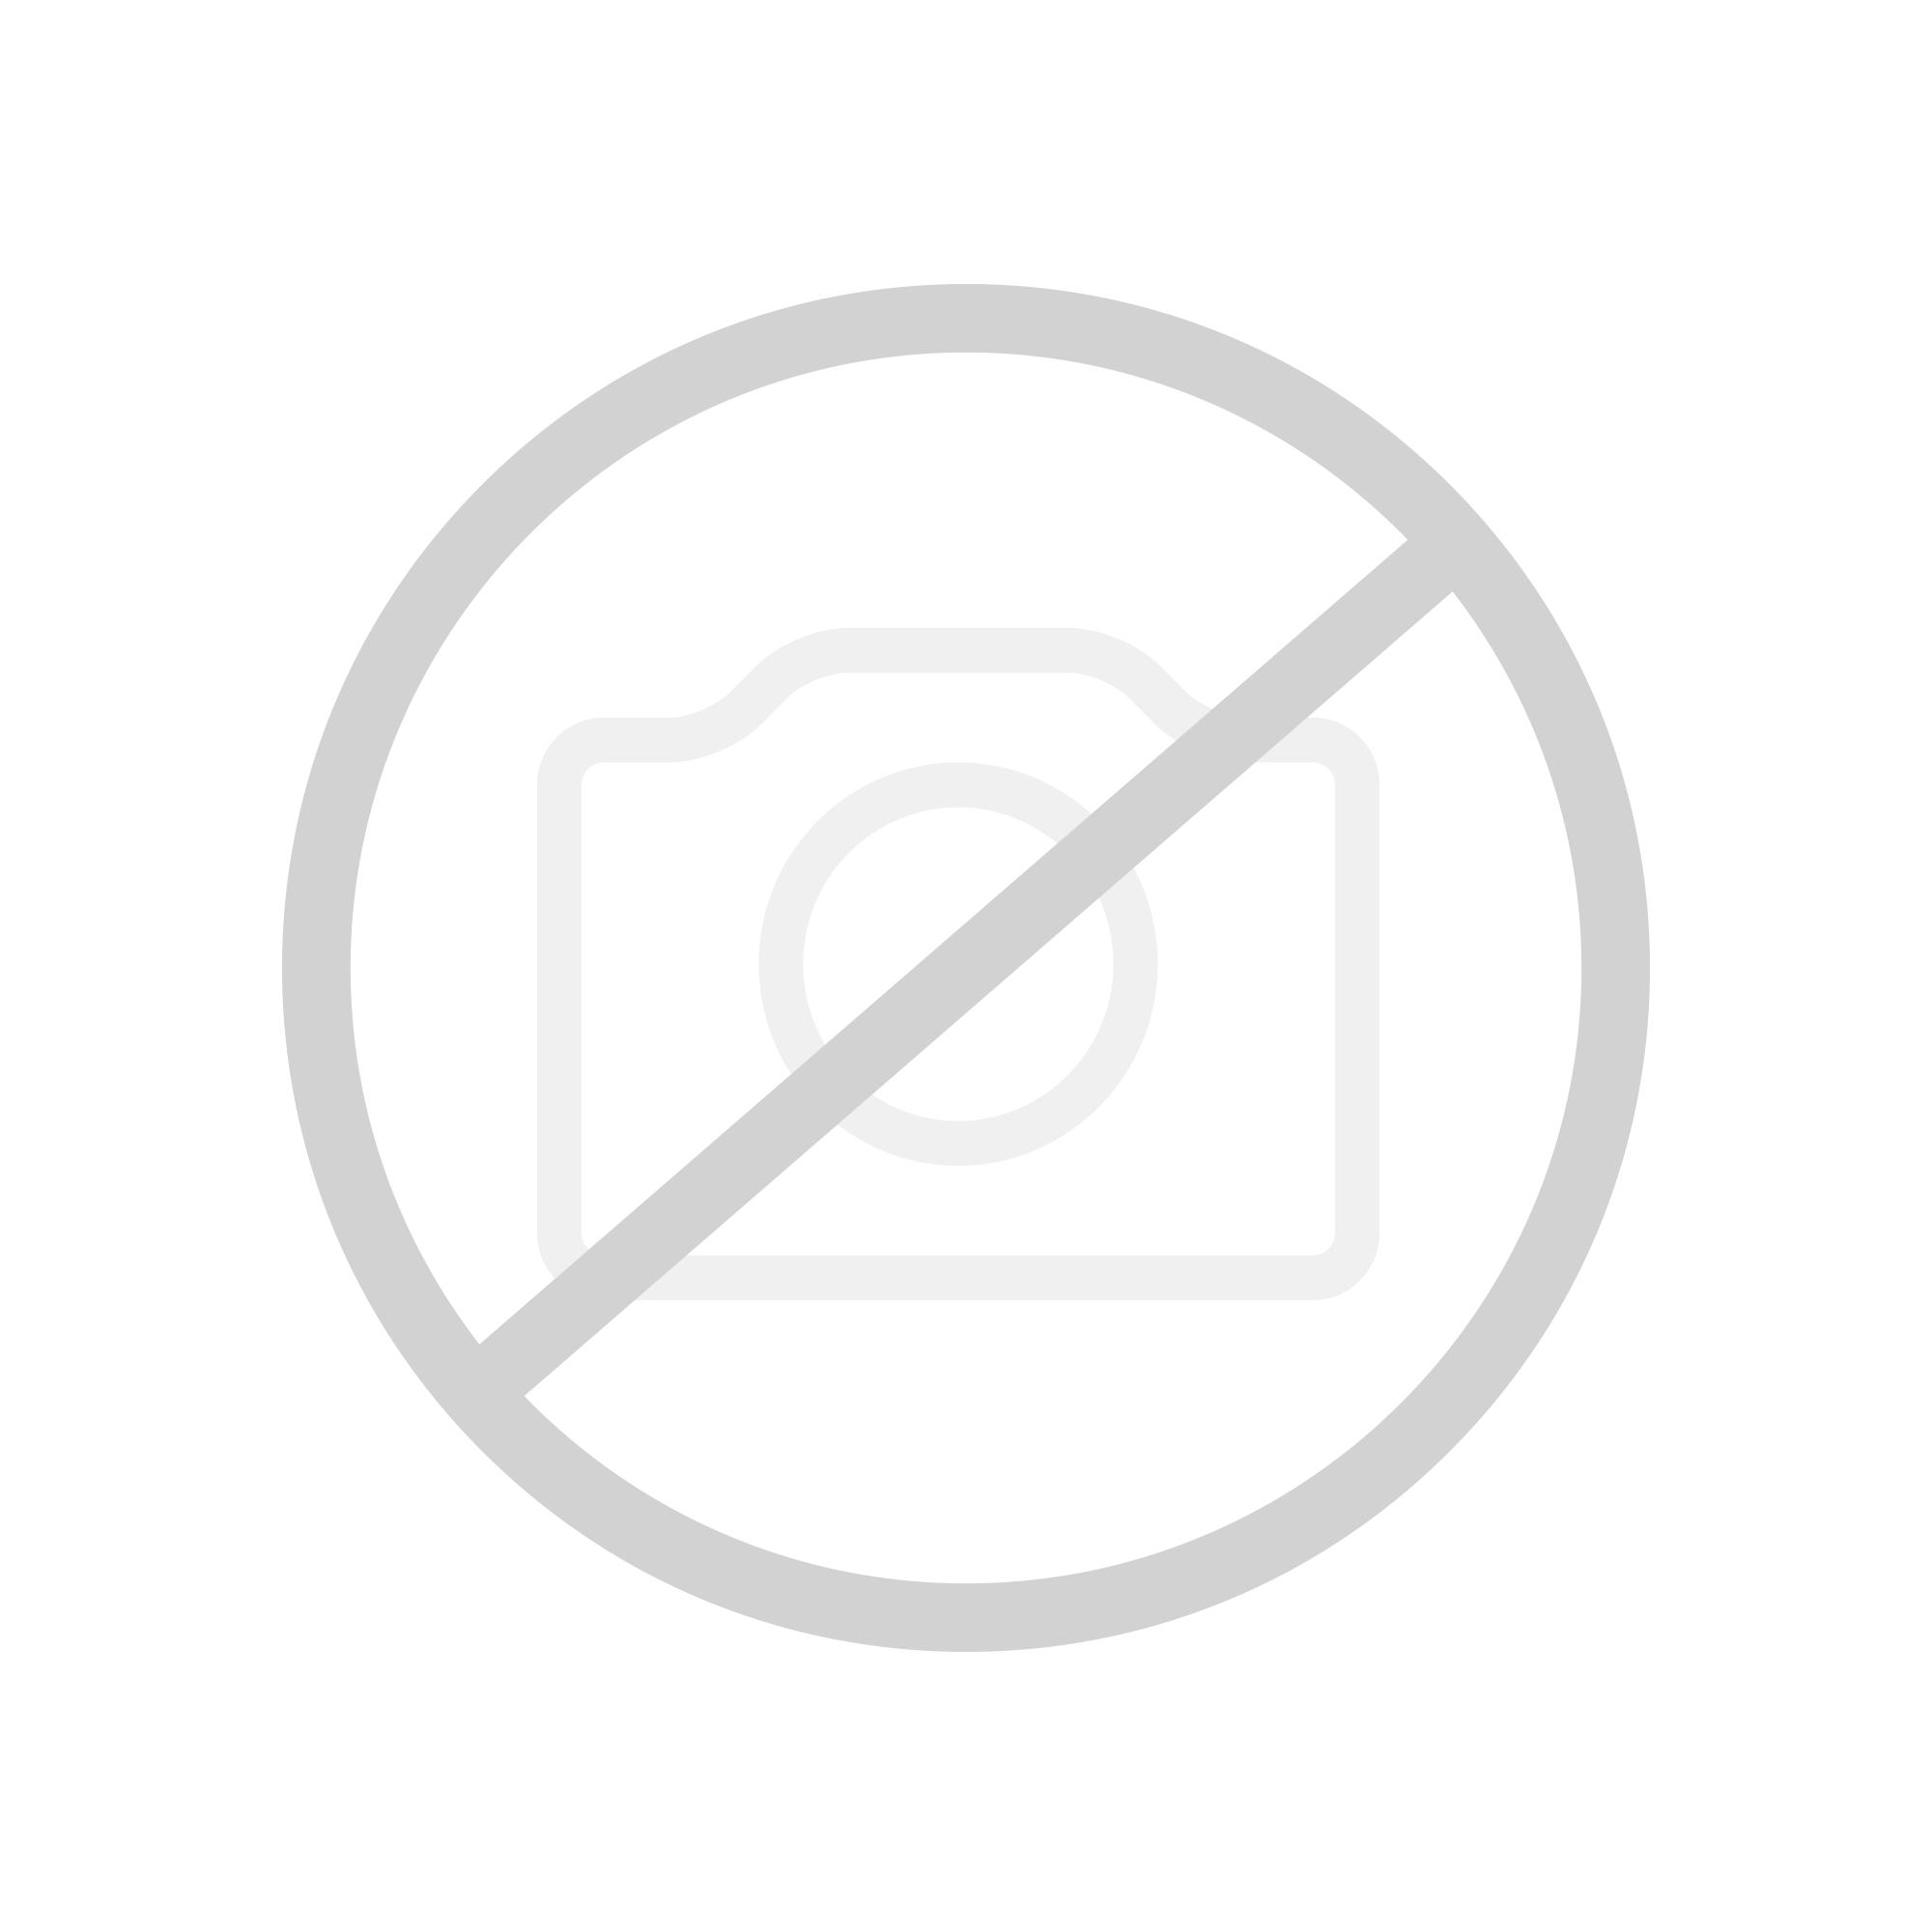 Blanco Alta-S Compact Einhebelmischer, Ausladung 200 mm, Auslauf ausziehbar edelstahl gebürstet